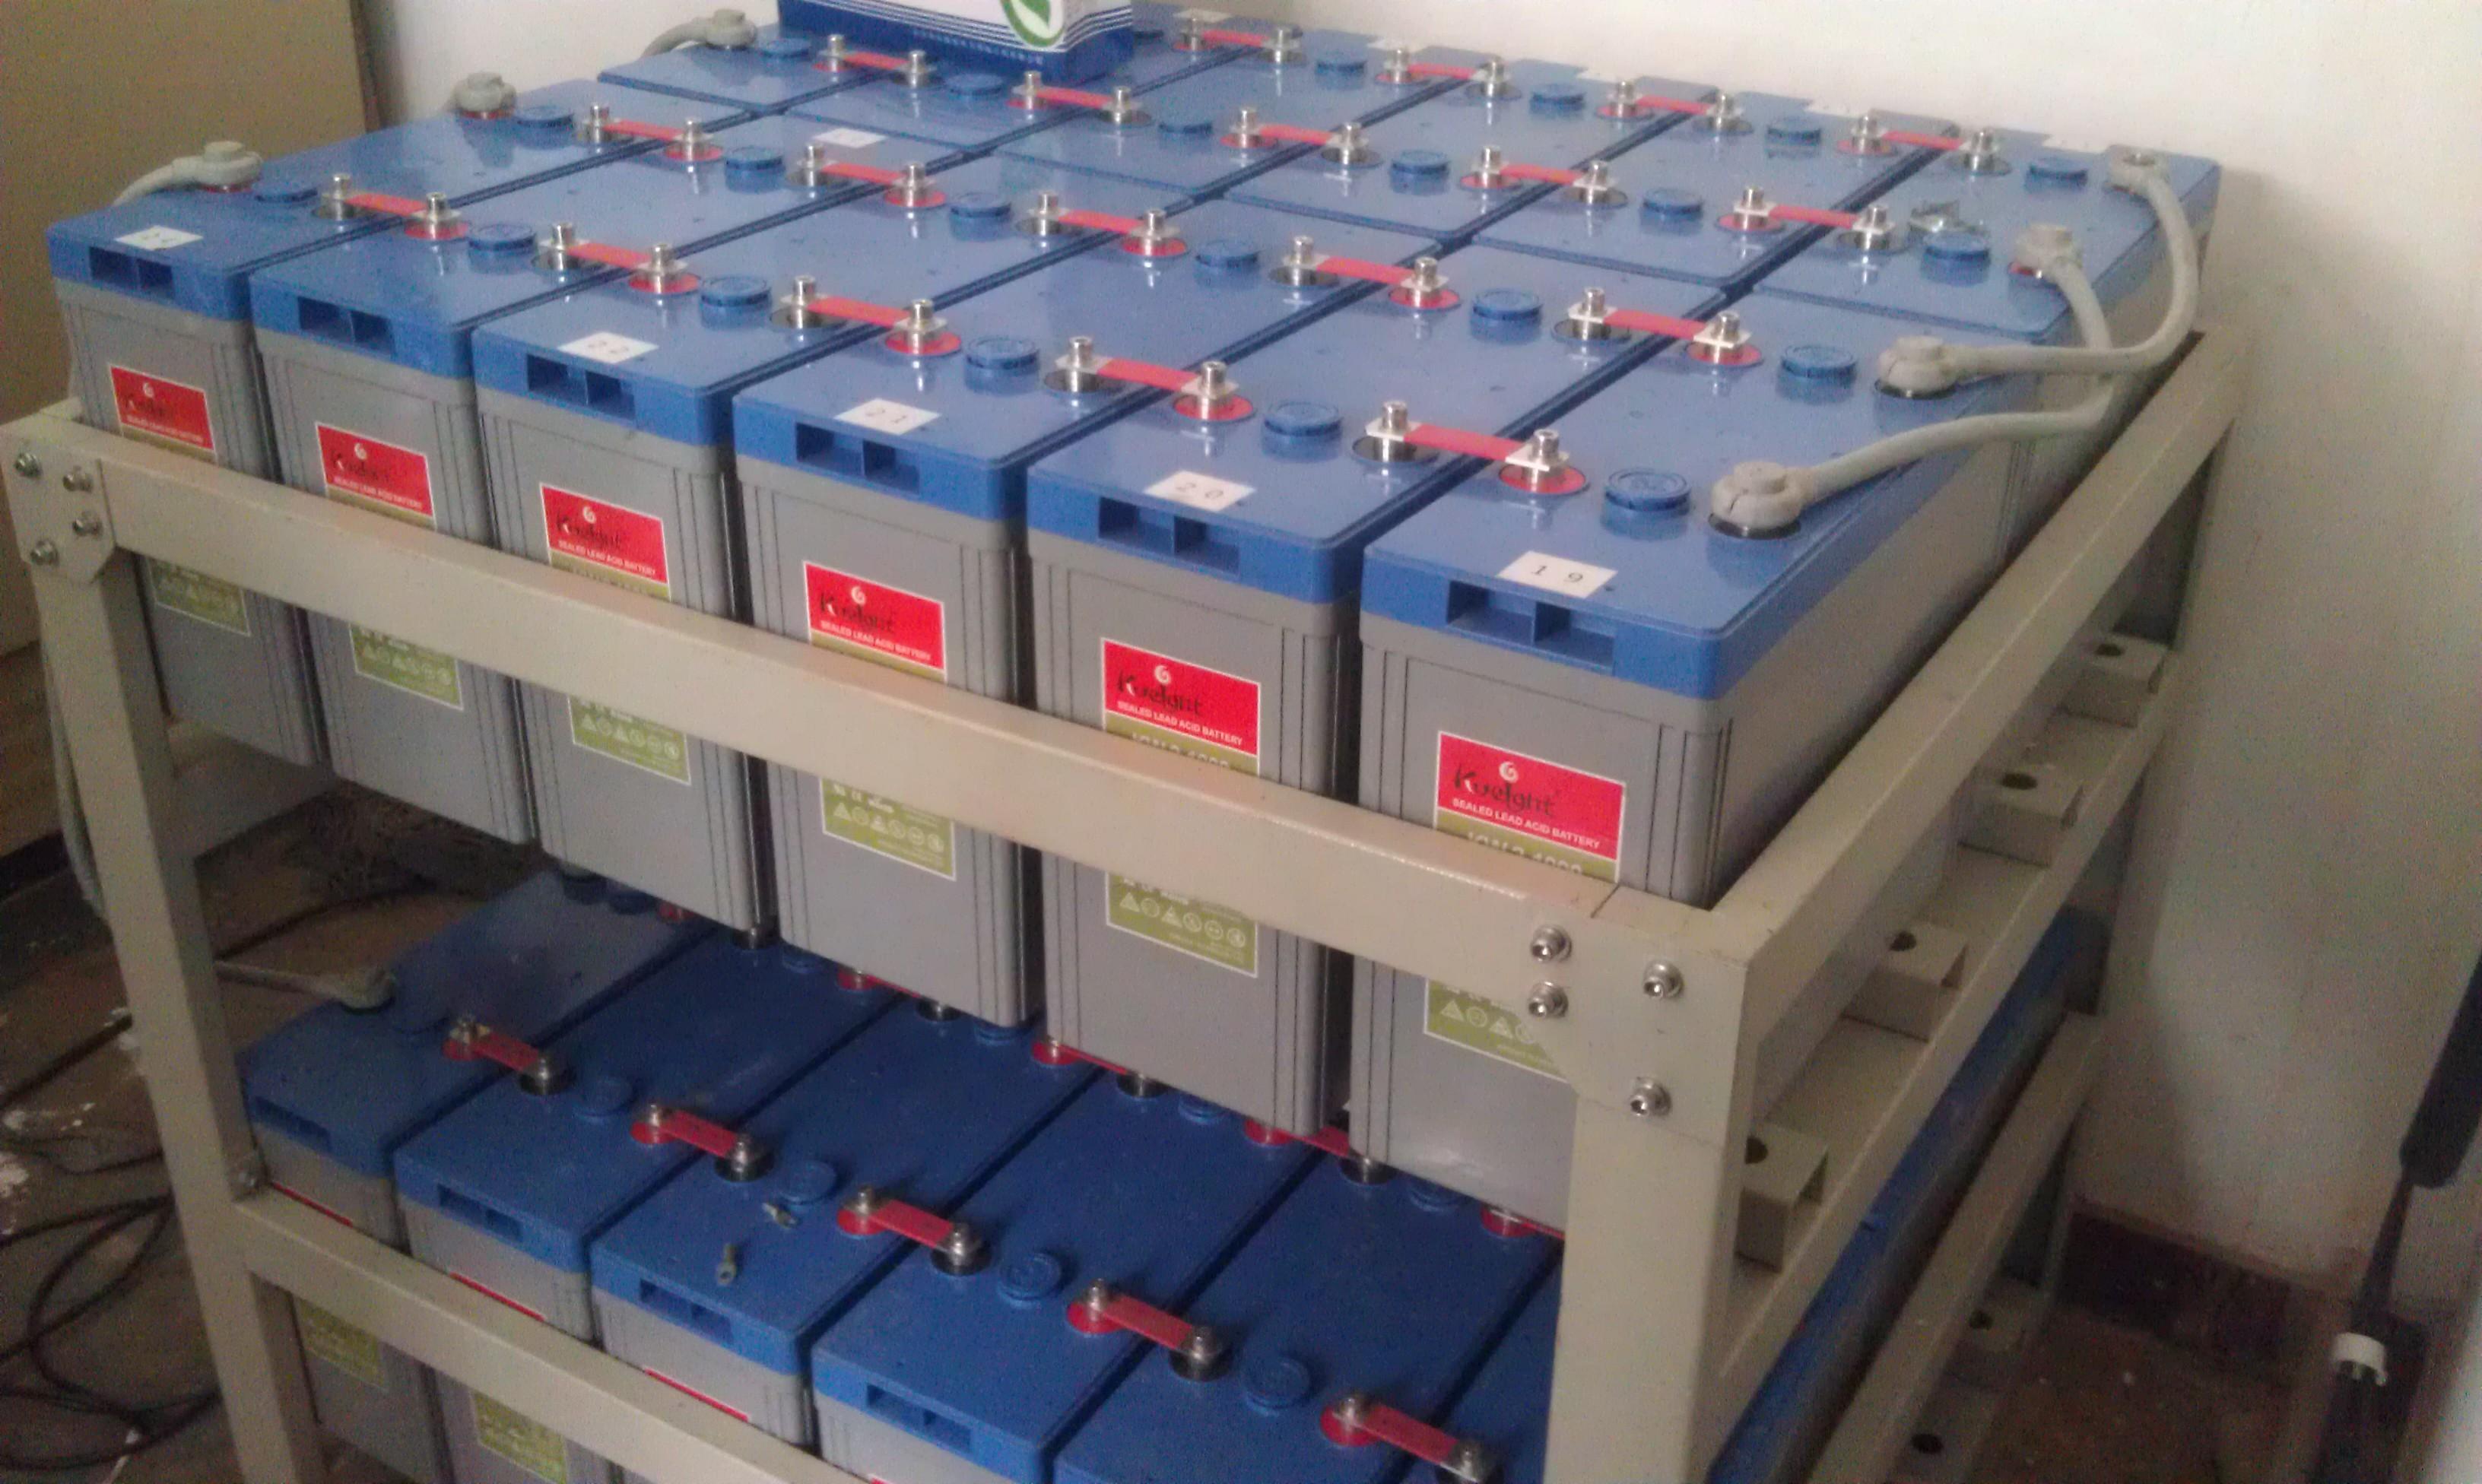 使用环境与安全 铅酸蓄电池使用在自然通风良好,环境温度最好在2510的工作场所。 铅酸蓄电池在这些条件下使用将十分安全:导电连接良好,不严重过充,热源不直接辐射,保持自然通风。 安装注意事项 蓄电池应离开热源和易产生火花的地方,其安全距离应大于0.5m。 蓄电池应避免阳光直射,不能置于大量放射性、红外线辐射、紫外线辐射、有机溶剂气体和腐蚀气体的环境中。 安装地面应有足够的承载能力。 由于电池组件电压较高,存在电击危险,因此在装卸导电连接条时应使用绝缘工具,安装或搬运电池时应戴绝缘手套、围裙和